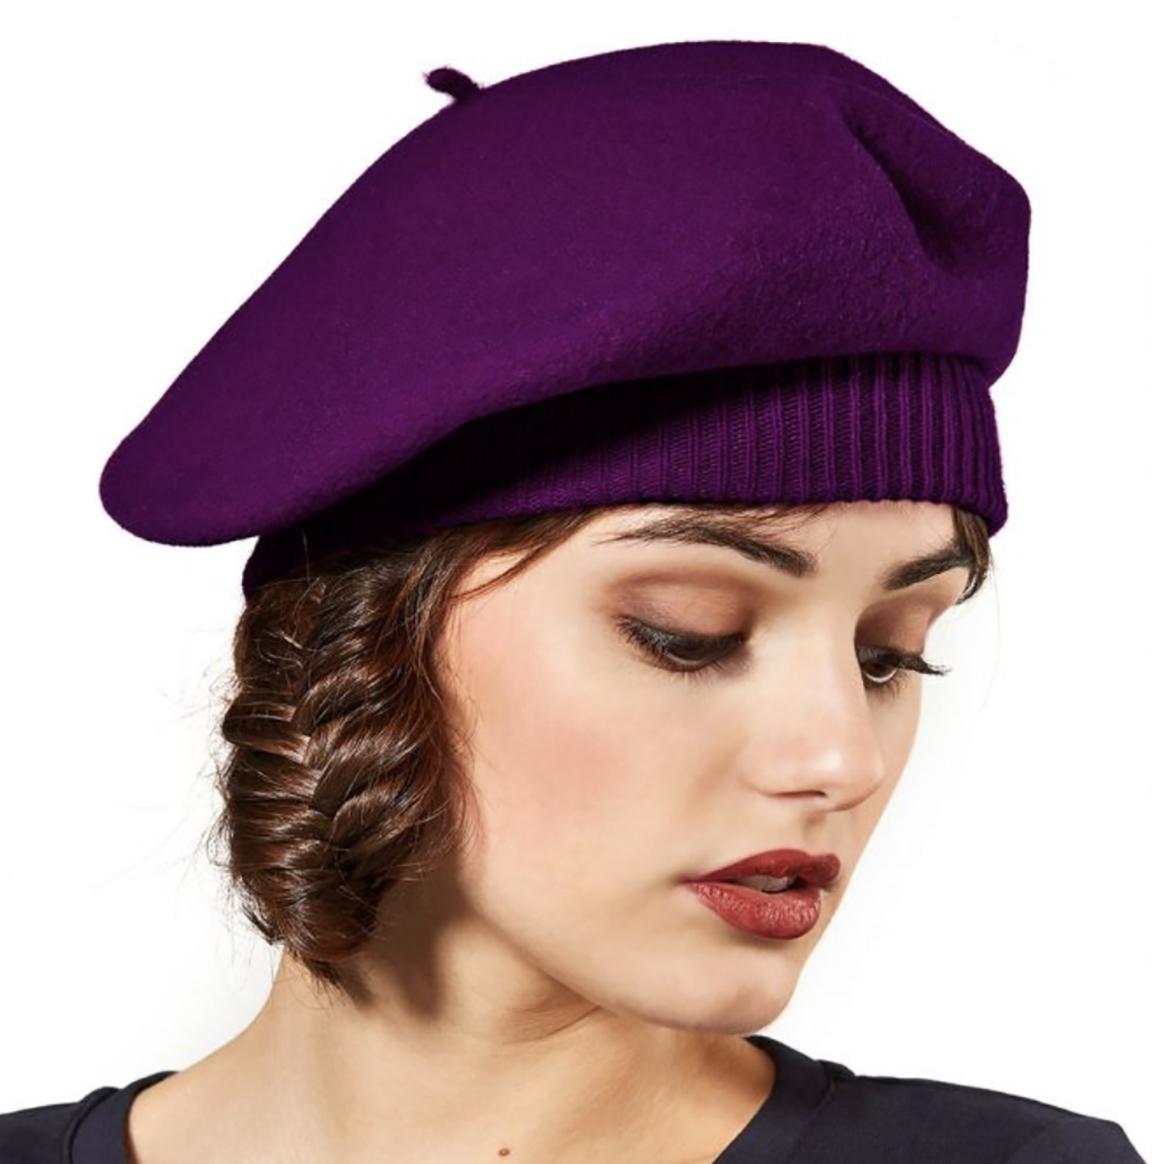 Laulhére La Parisienne Purple